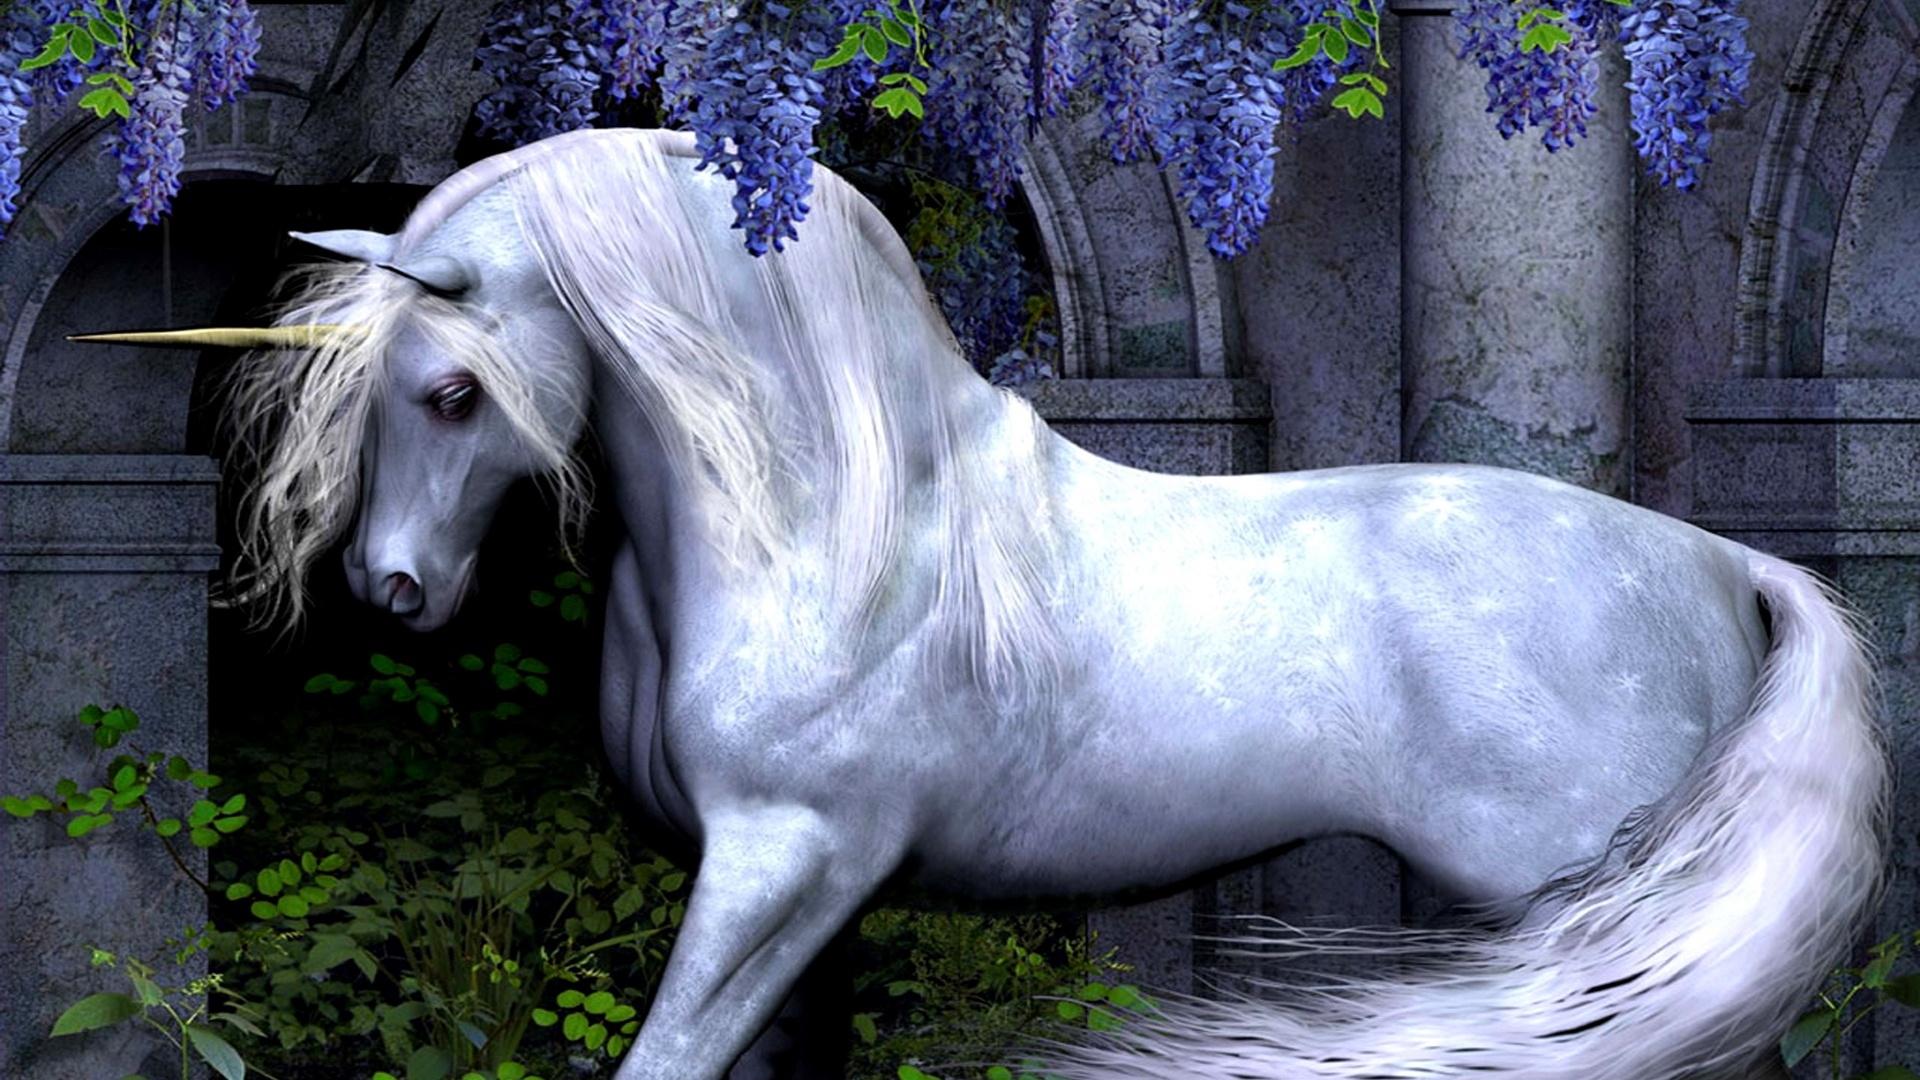 Magic Horses wallpaper for computer